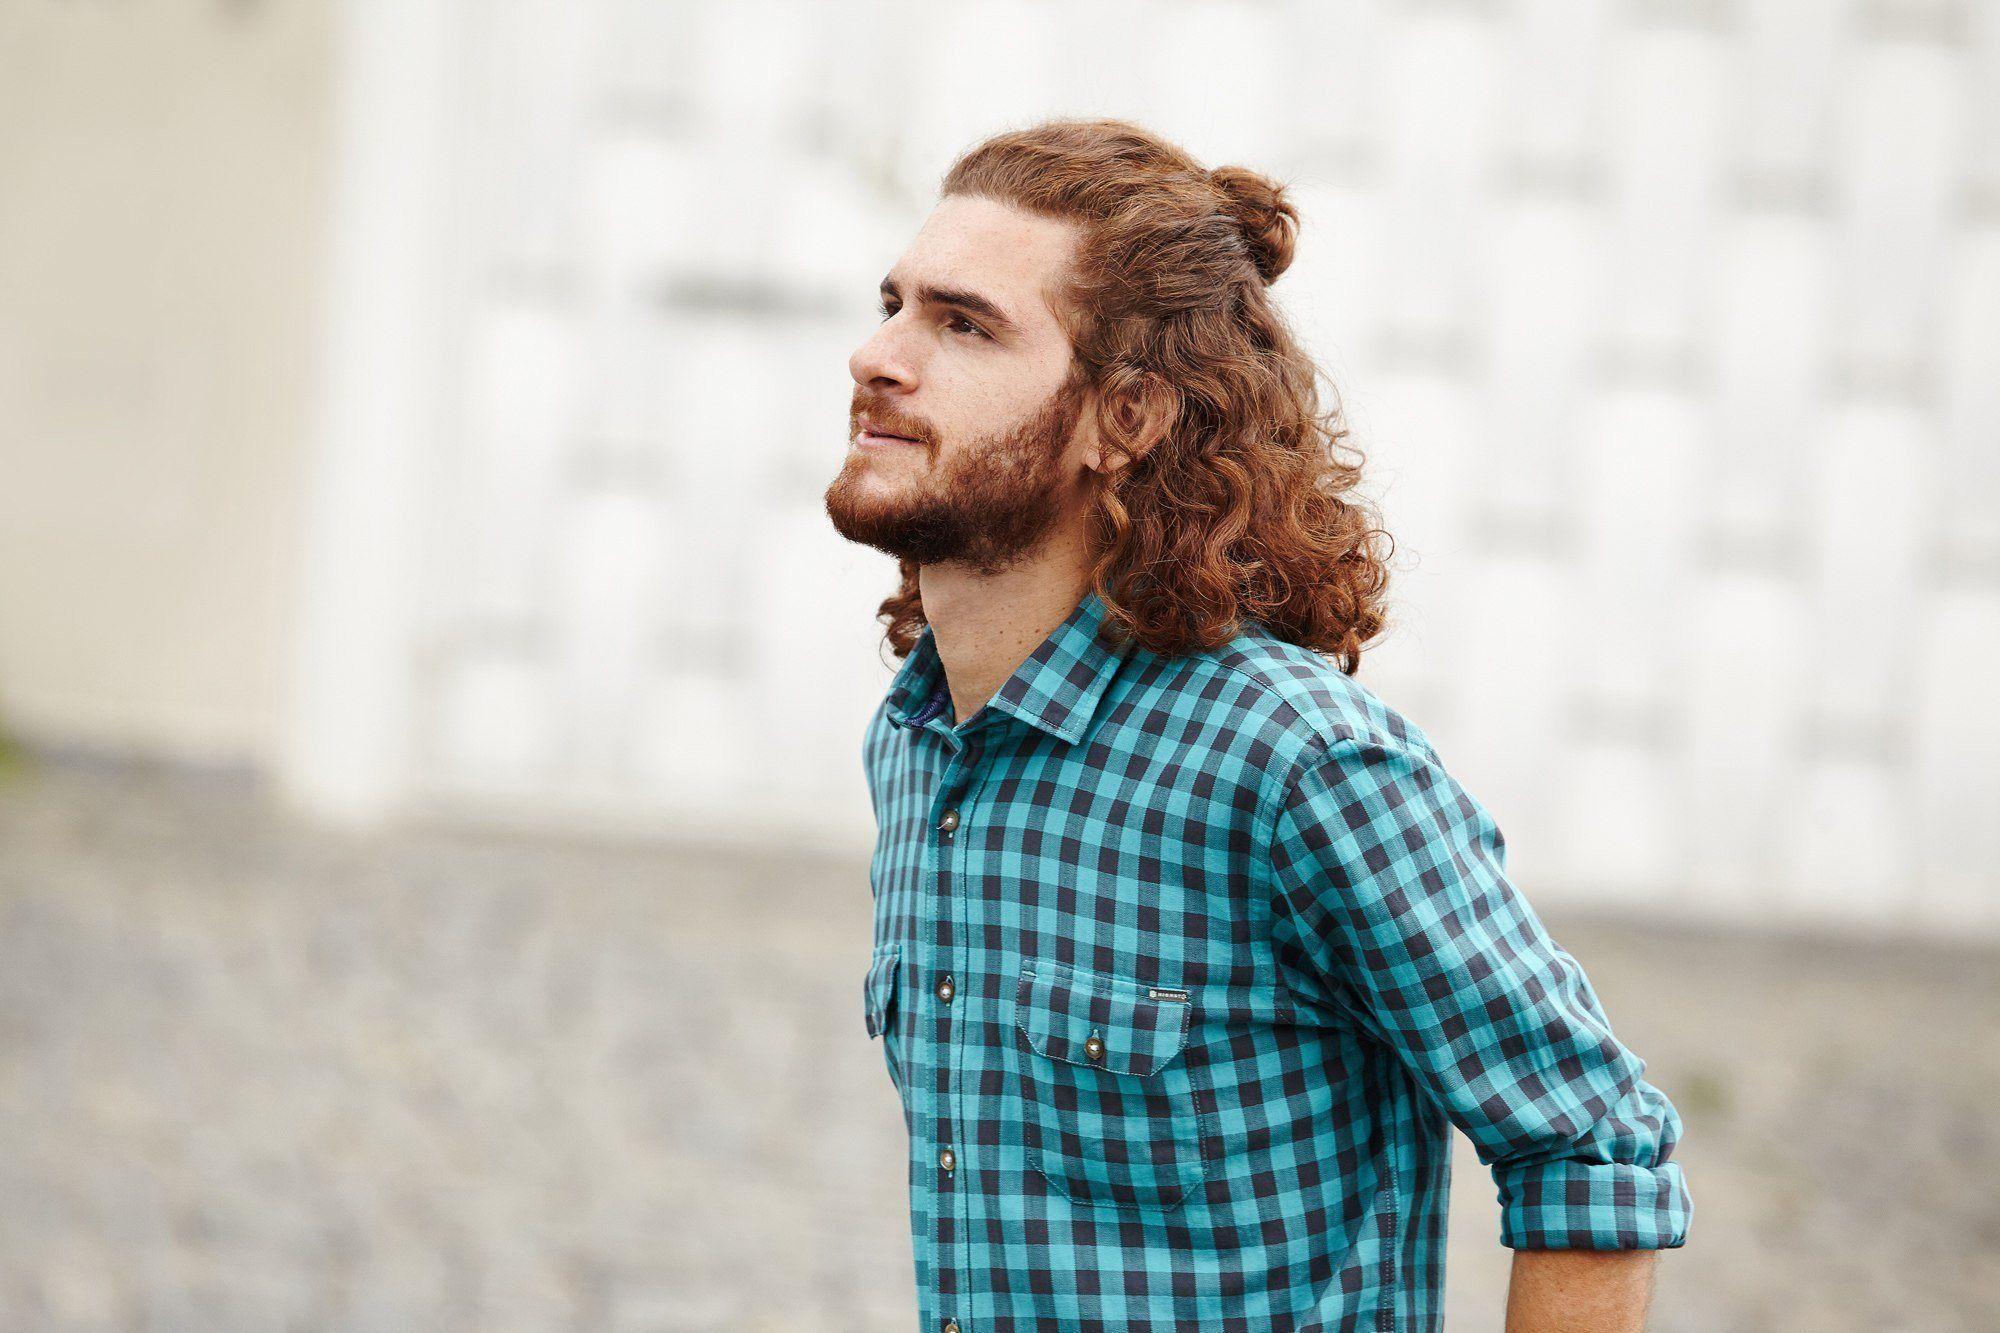 style men's curls in a half updo